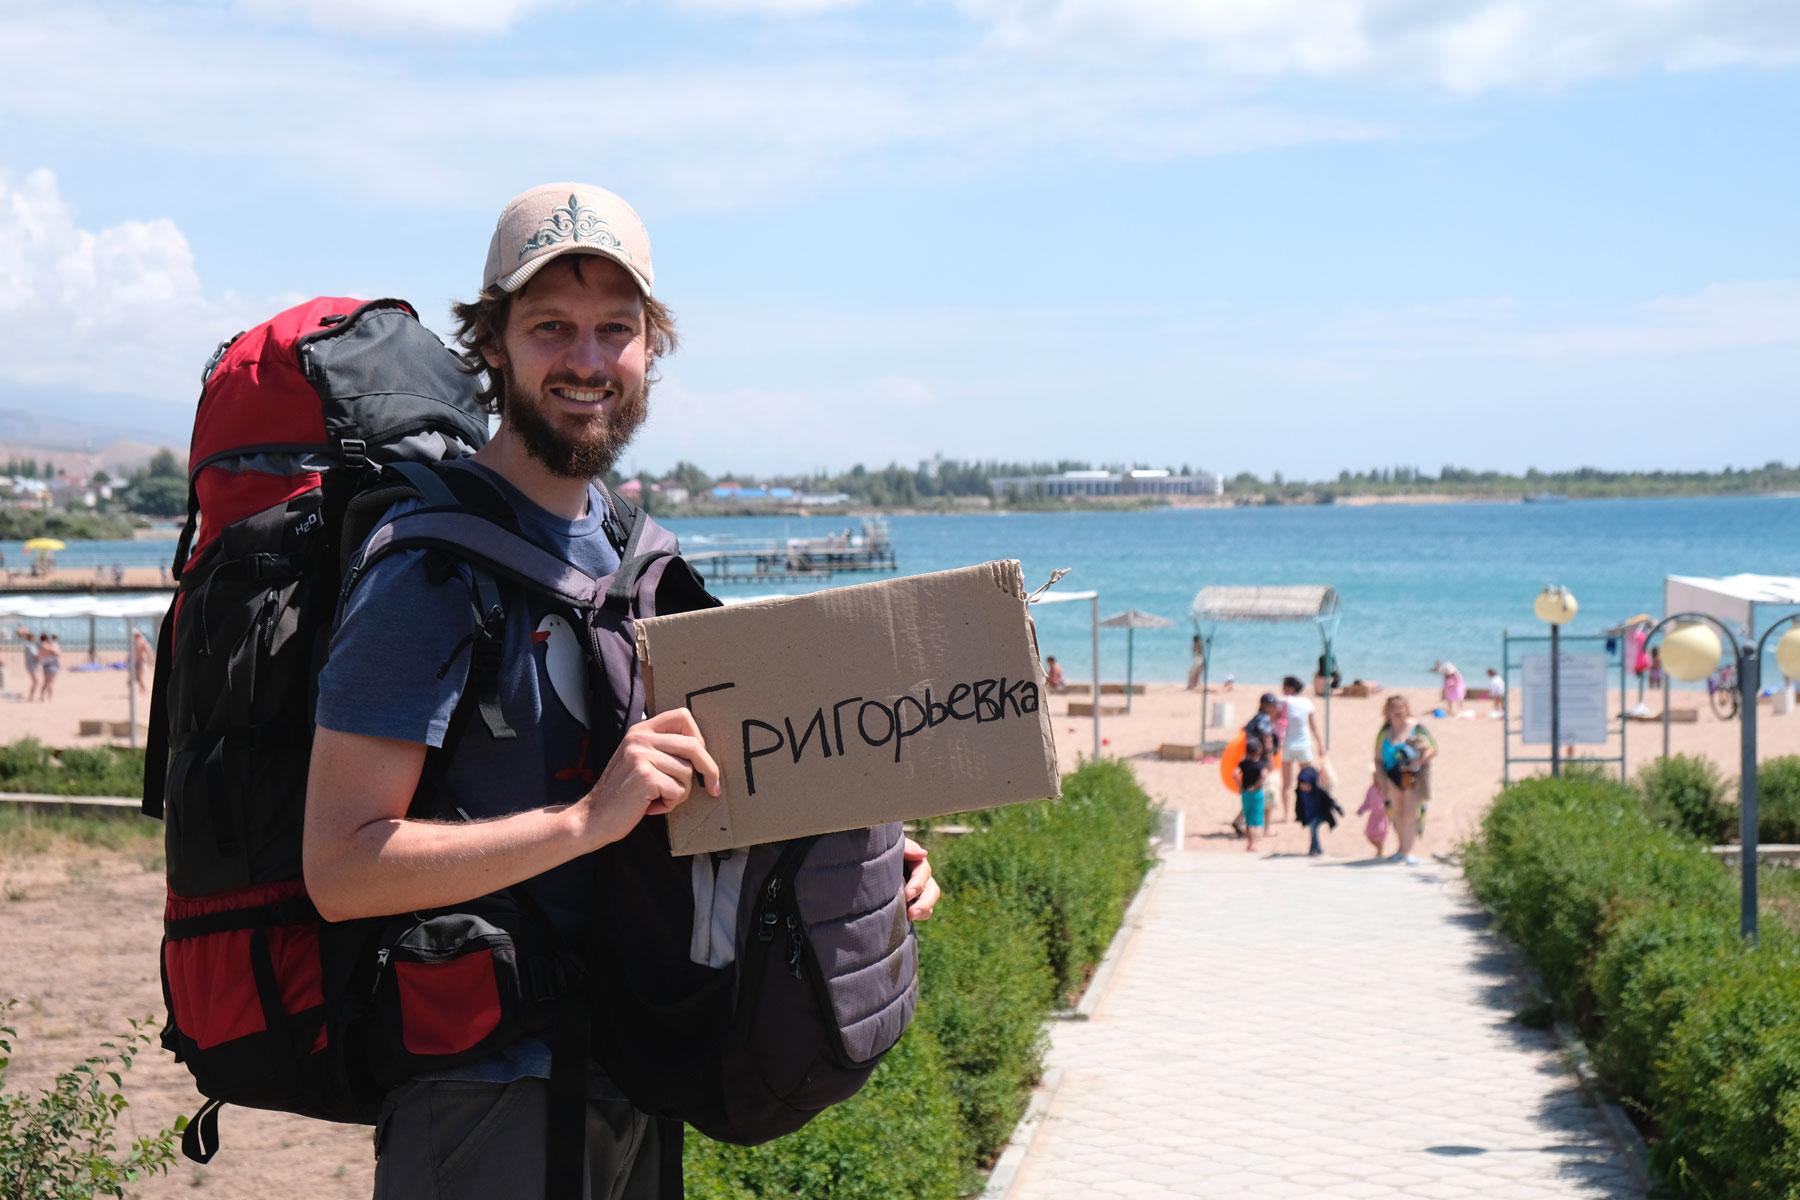 """Sebastian hat einen großen Reiserucksack auf dem Rücken und hält ein Schild, auf dem """"Grigorievka"""" mir kyrillischen Buchstaben geschrieben steht."""